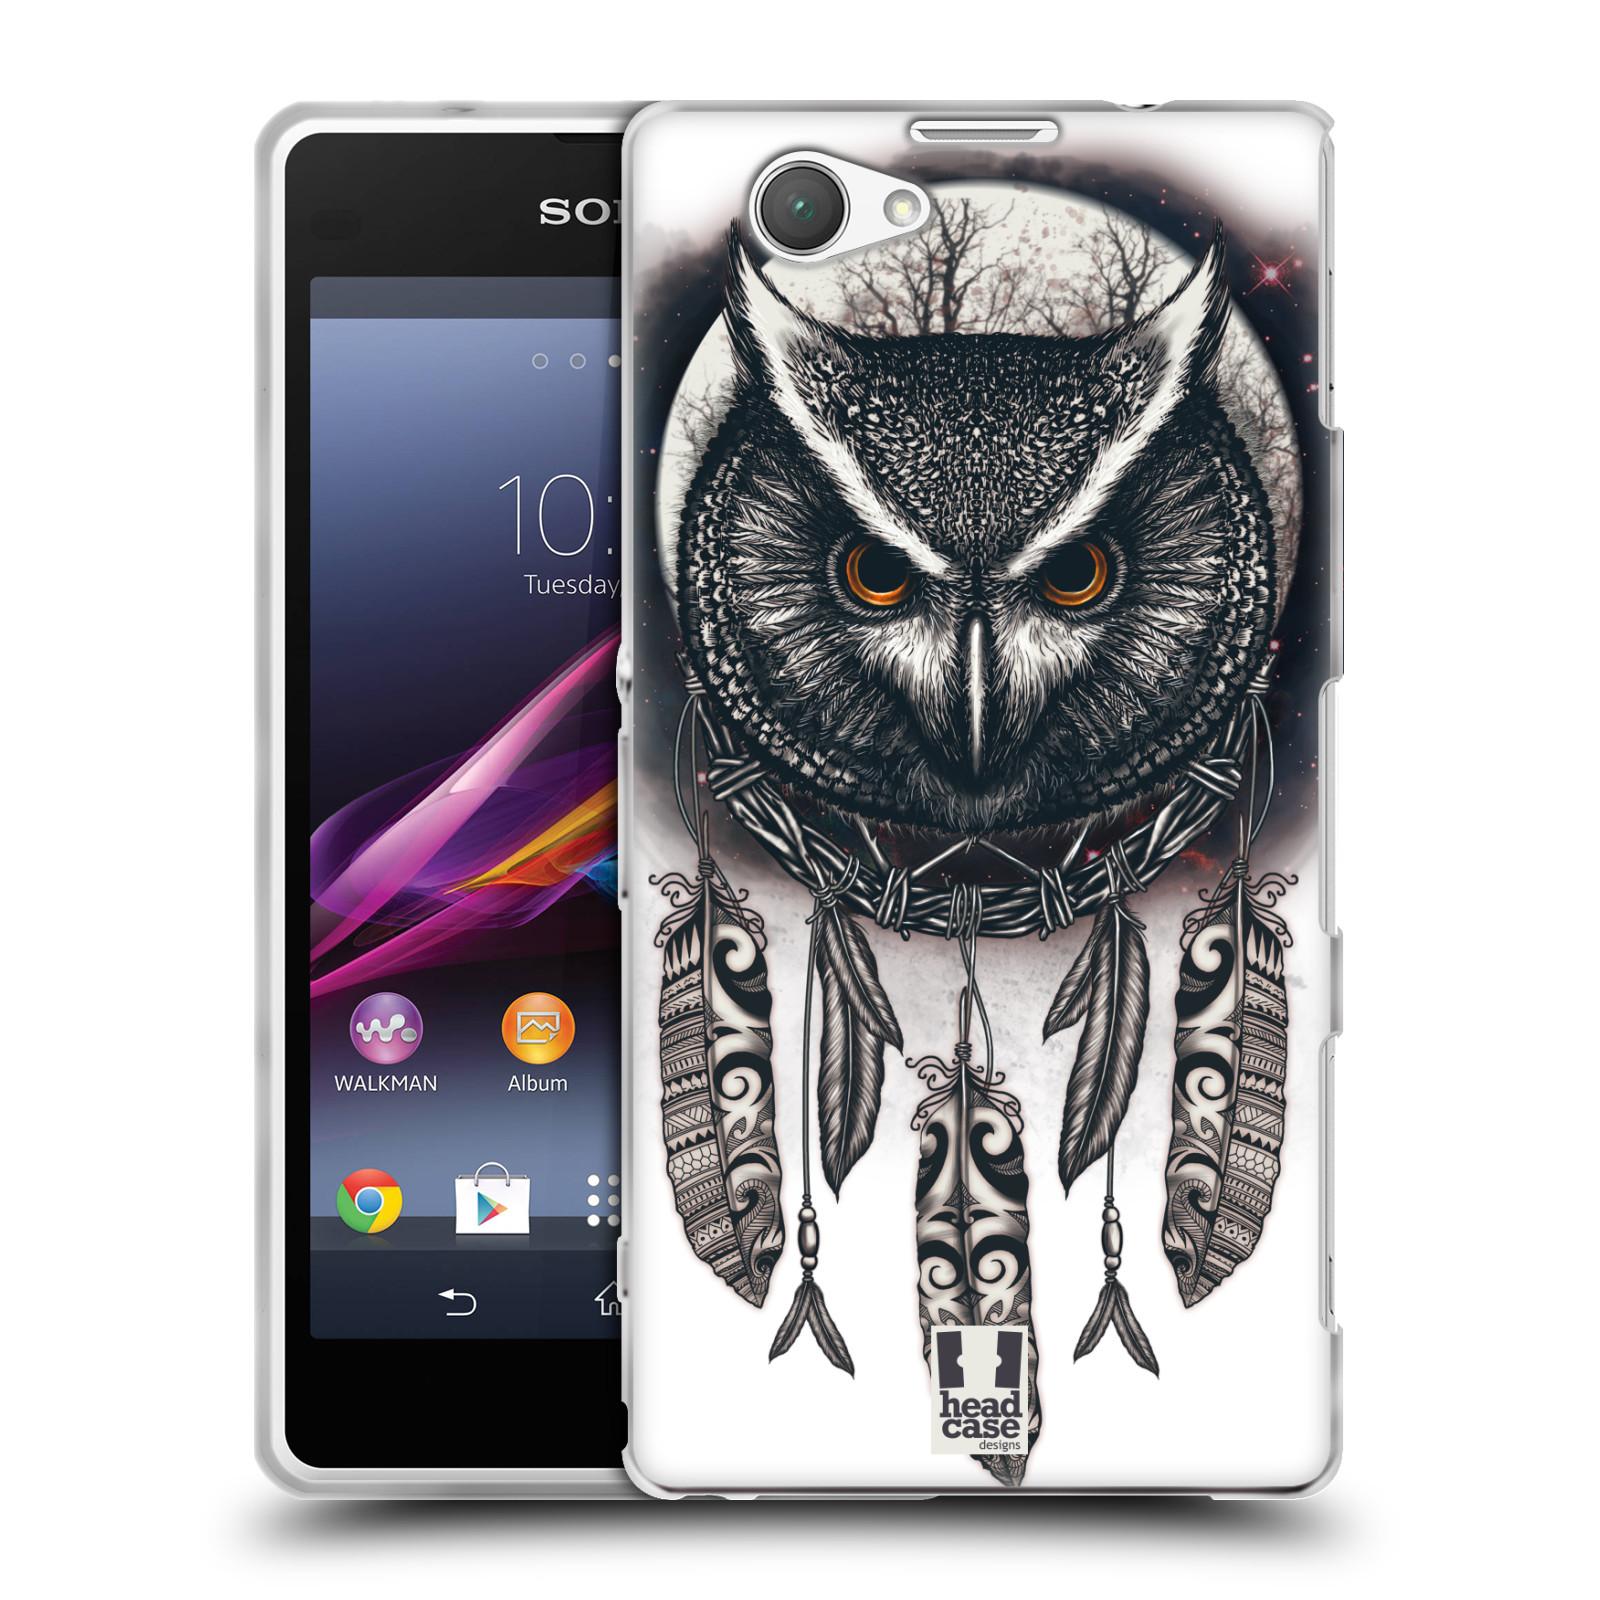 Silikonové pouzdro na mobil Sony Xperia Z1 Compact D5503 - Head Case - Soví lapač